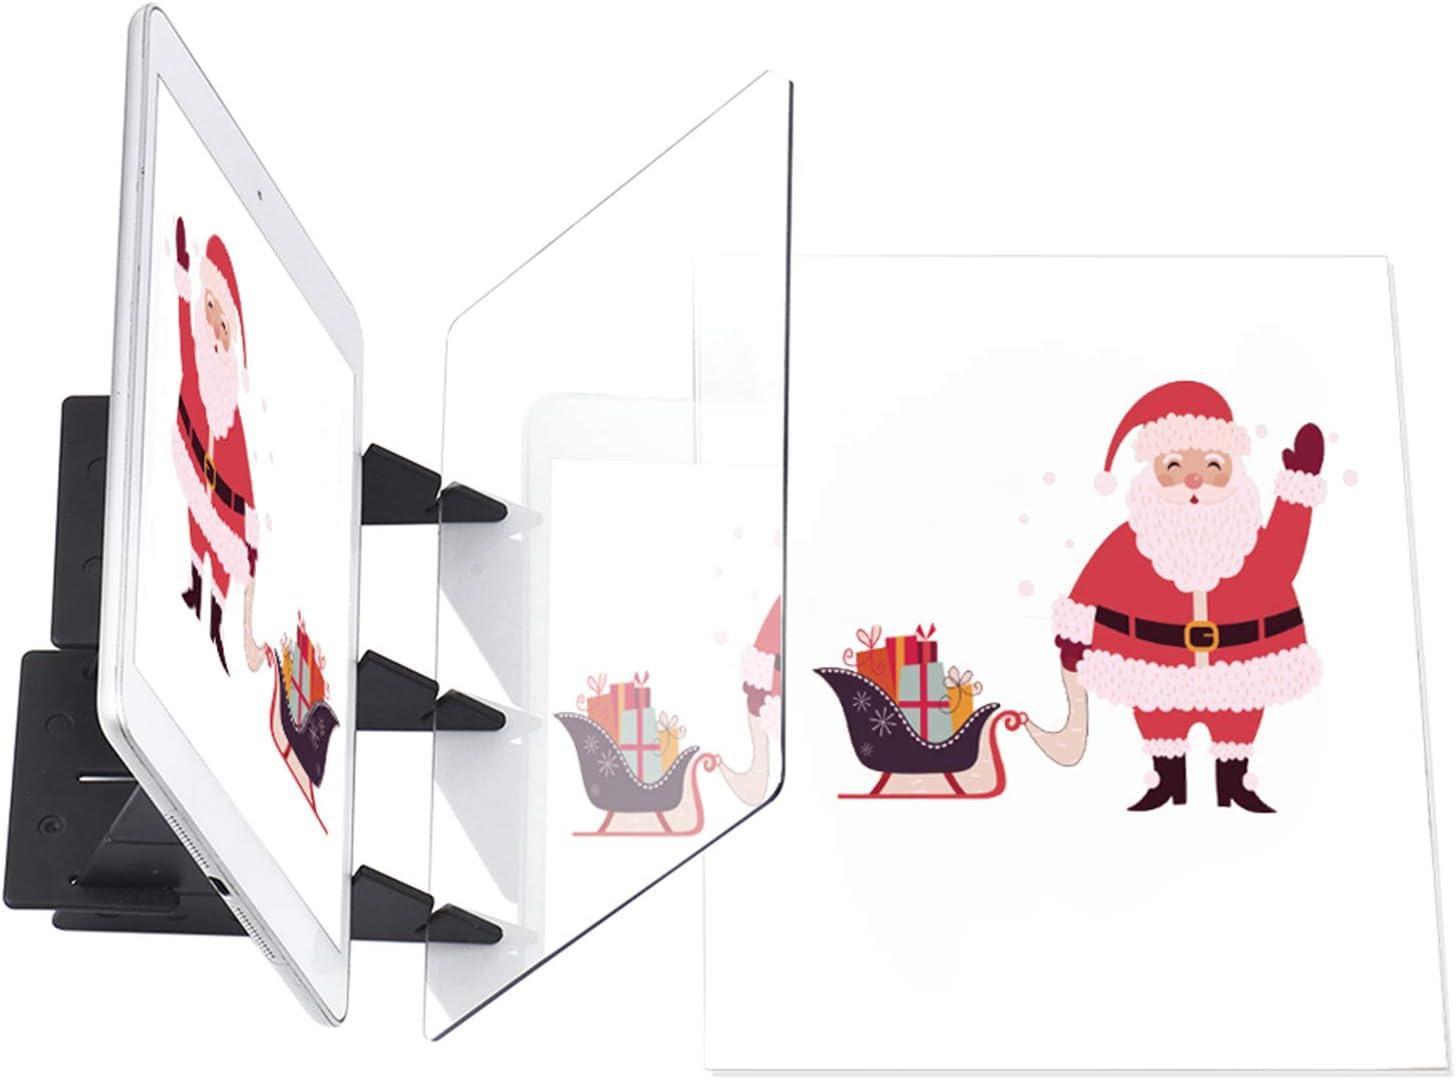 Bisofice mesa de luz para dibujo,Tablero de rastreo óptico portátil, almohadilla de copia, panel, manualidades, pintura de anime, arte, herramienta de dibujo fácil, molde de base cero, regalo